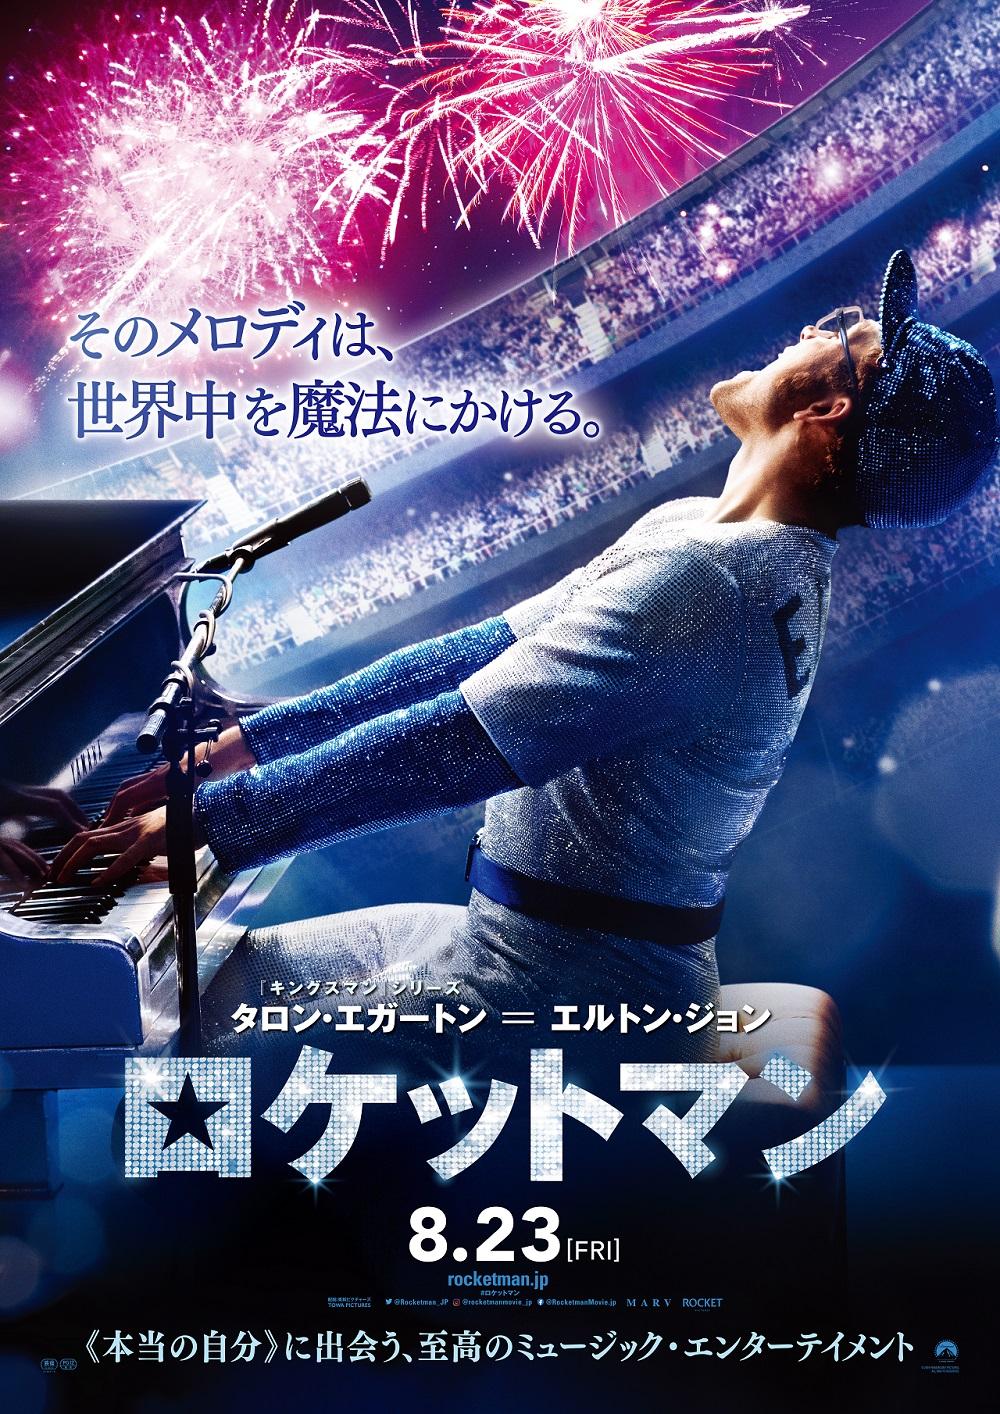 映画「ロケットマン」。8月23日(金)から全国ロードショー中。